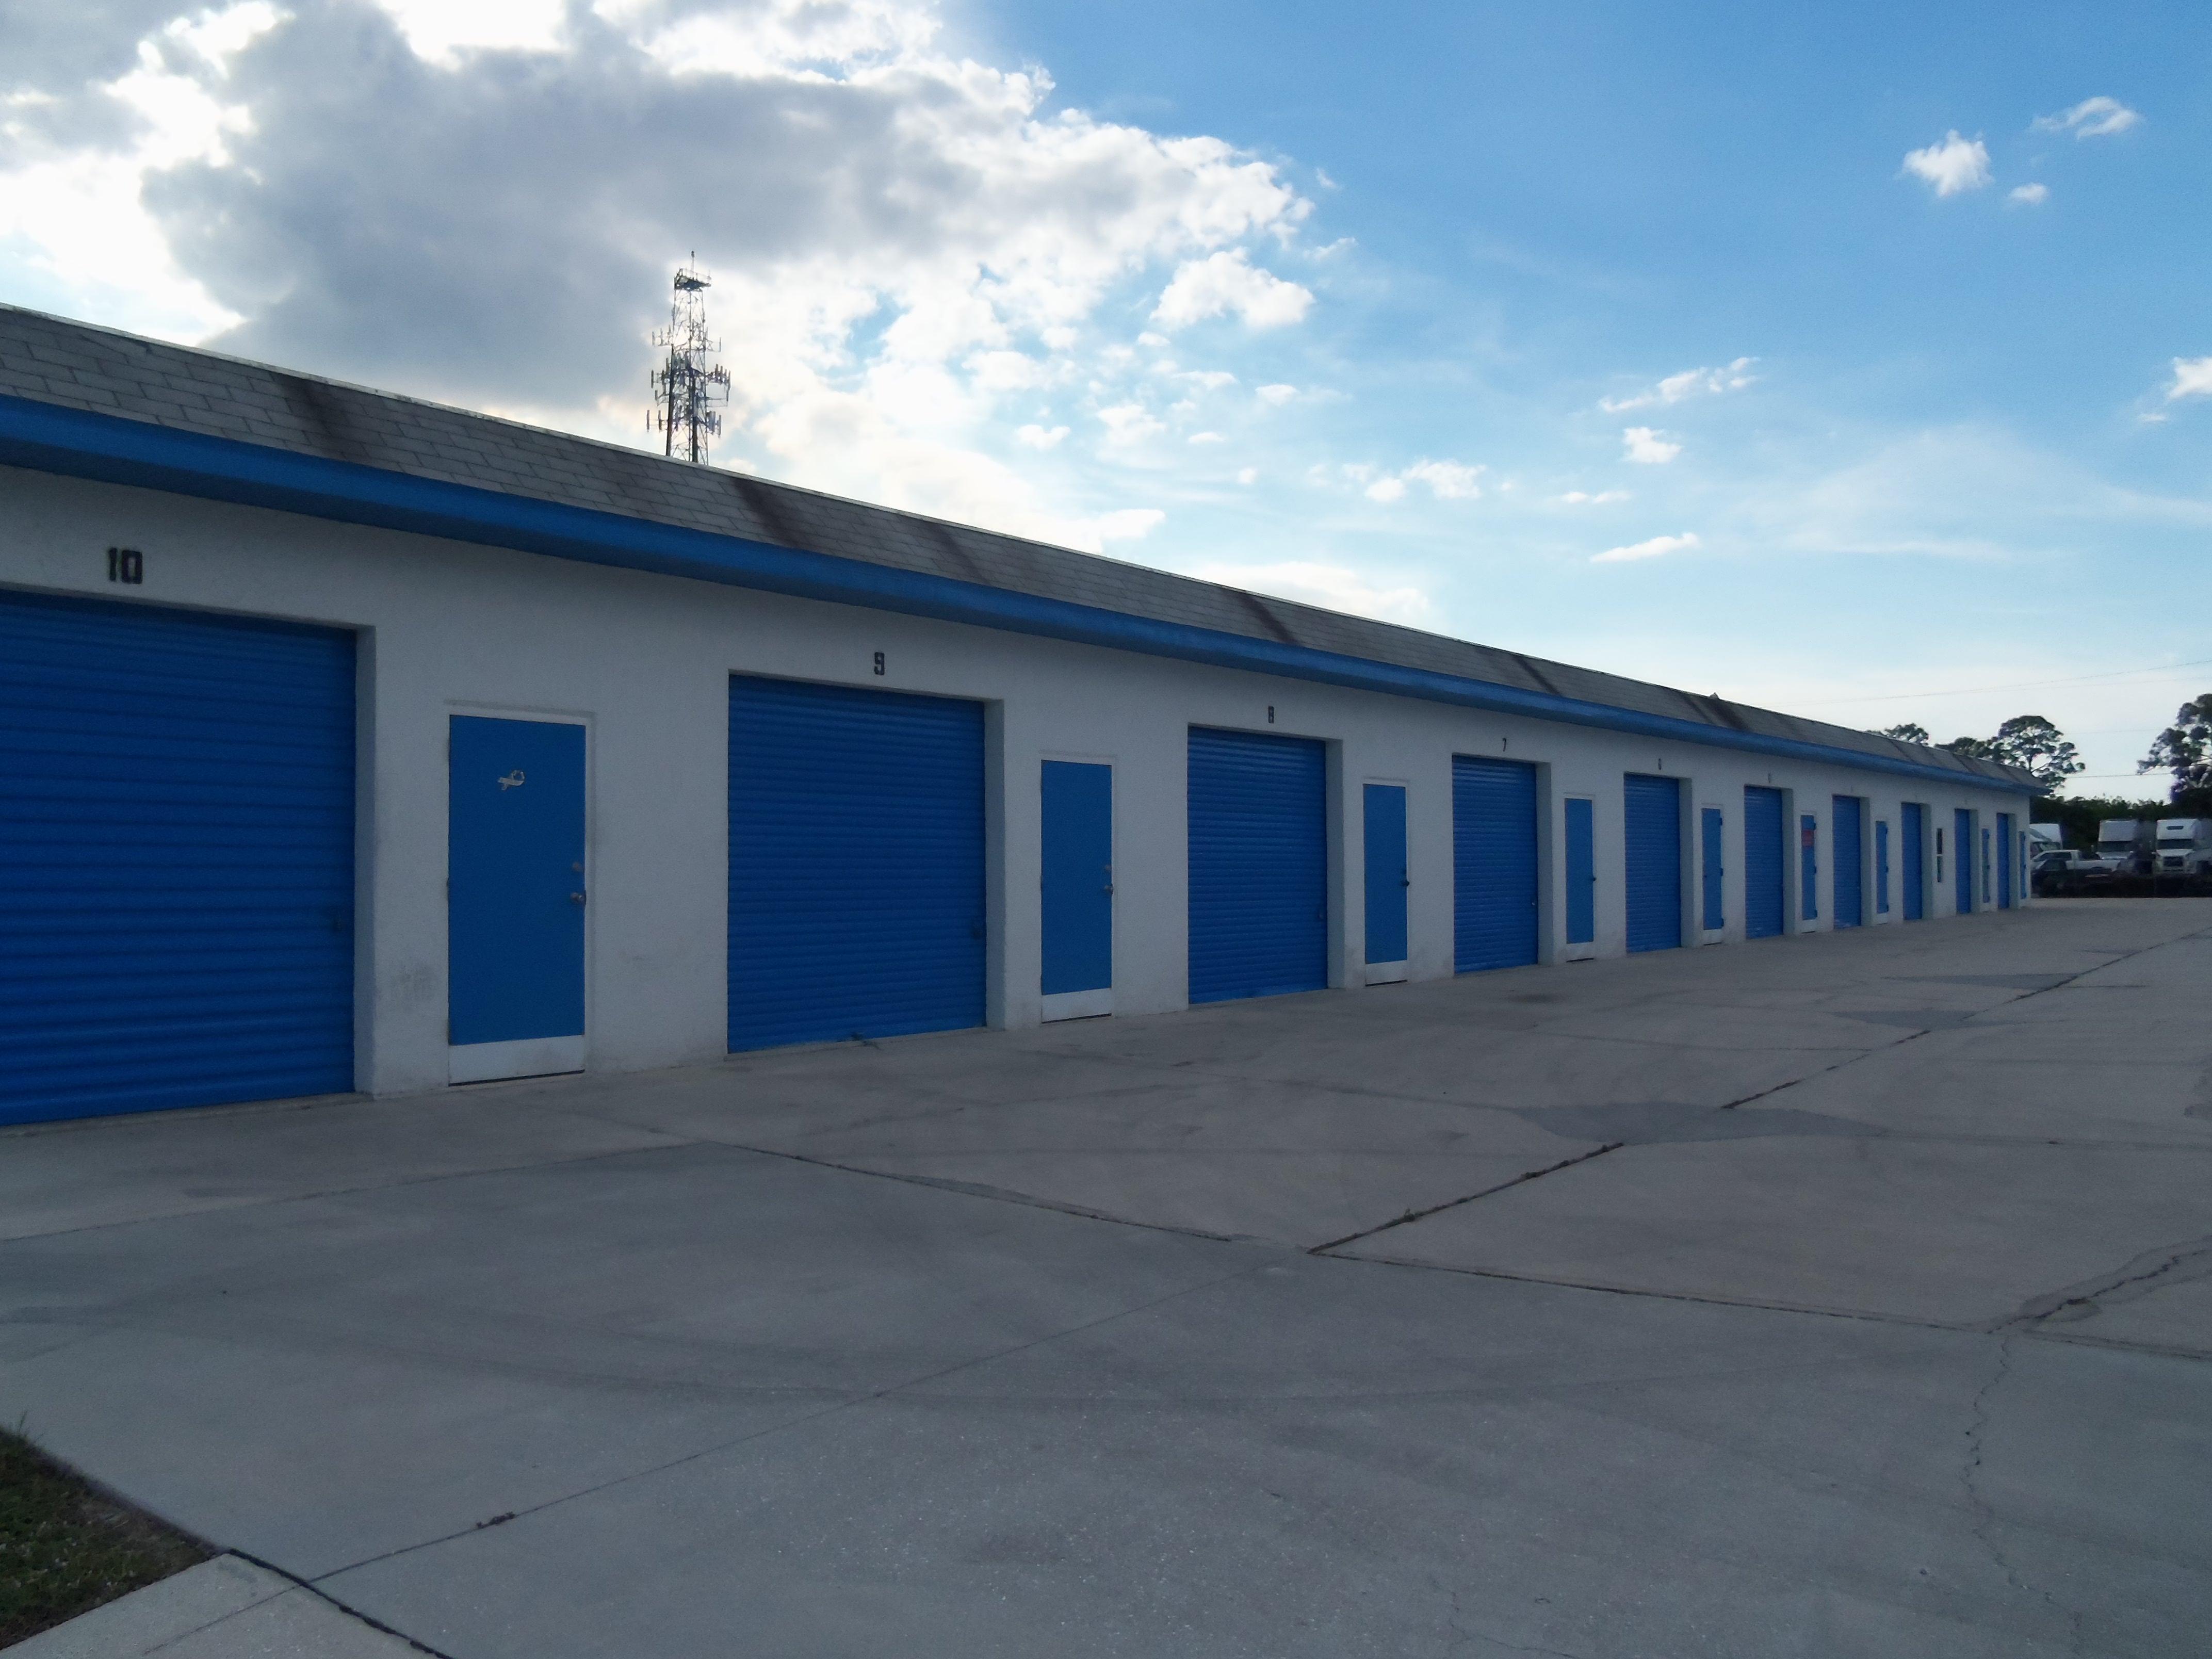 video surveillance units in North Port, FL